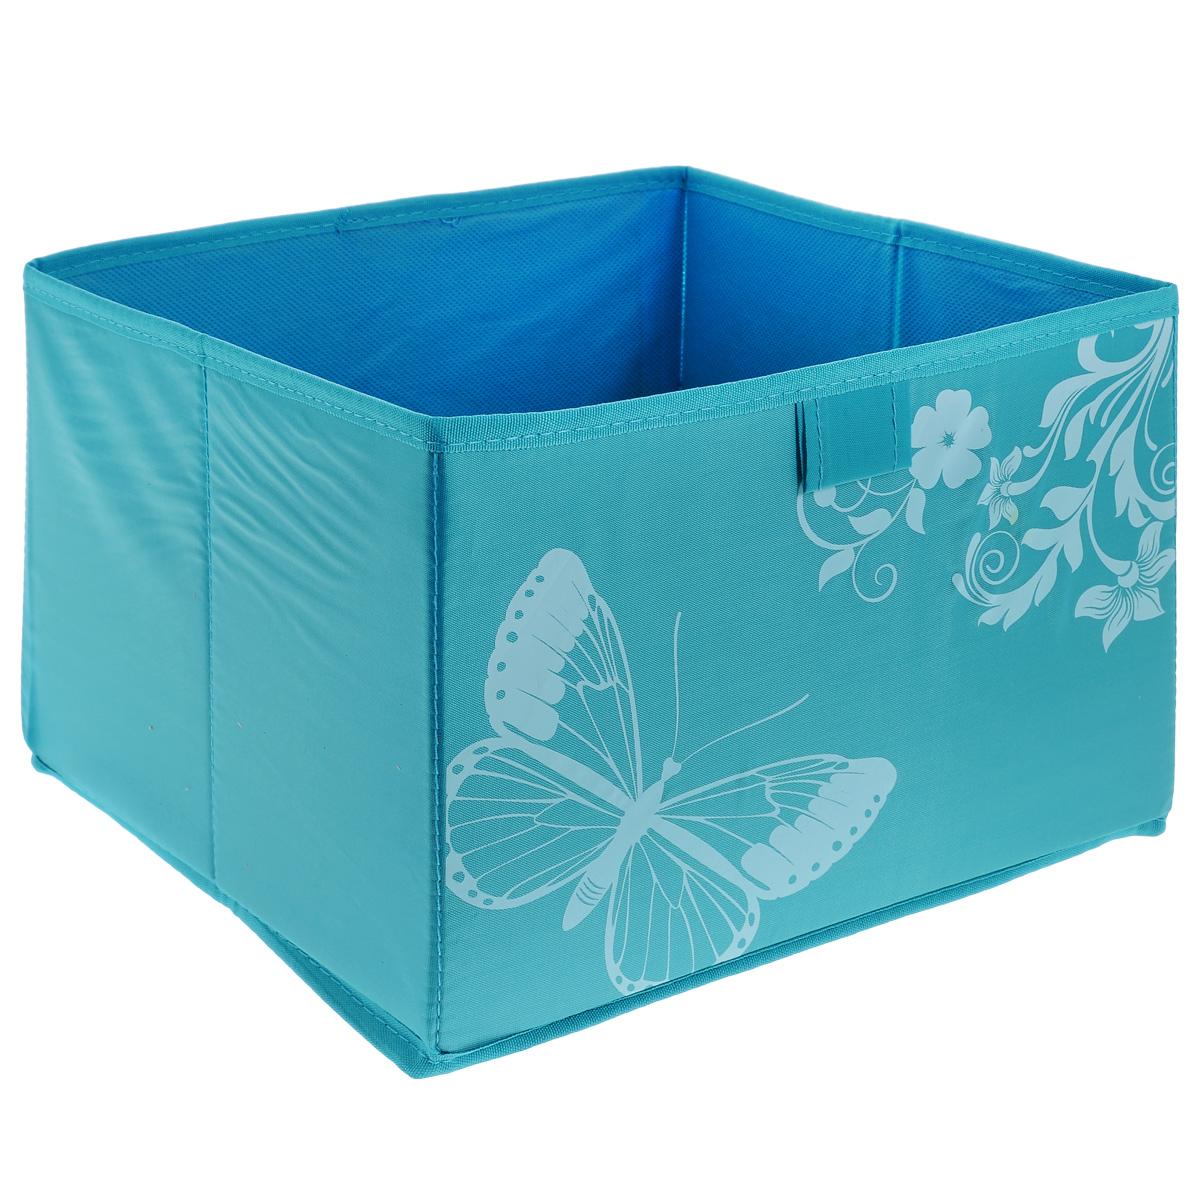 Коробка для хранения Hausmann Butterfly, цвет: бирюзовый, 28 см х 27 см х 20 см4P-106-4СКоробка для хранения Hausmann поможет легко организовать пространство в шкафу или в гардеробе. Изделие выполнено из нетканого материала и полиэстера. Коробка держит форму благодаря жесткой вставке из картона, которая устанавливается на дно. Боковая поверхность оформлена красивым принтом и изображением бабочки. В такой коробке удобно хранить одежду, нижнее белье, различные аксессуары.